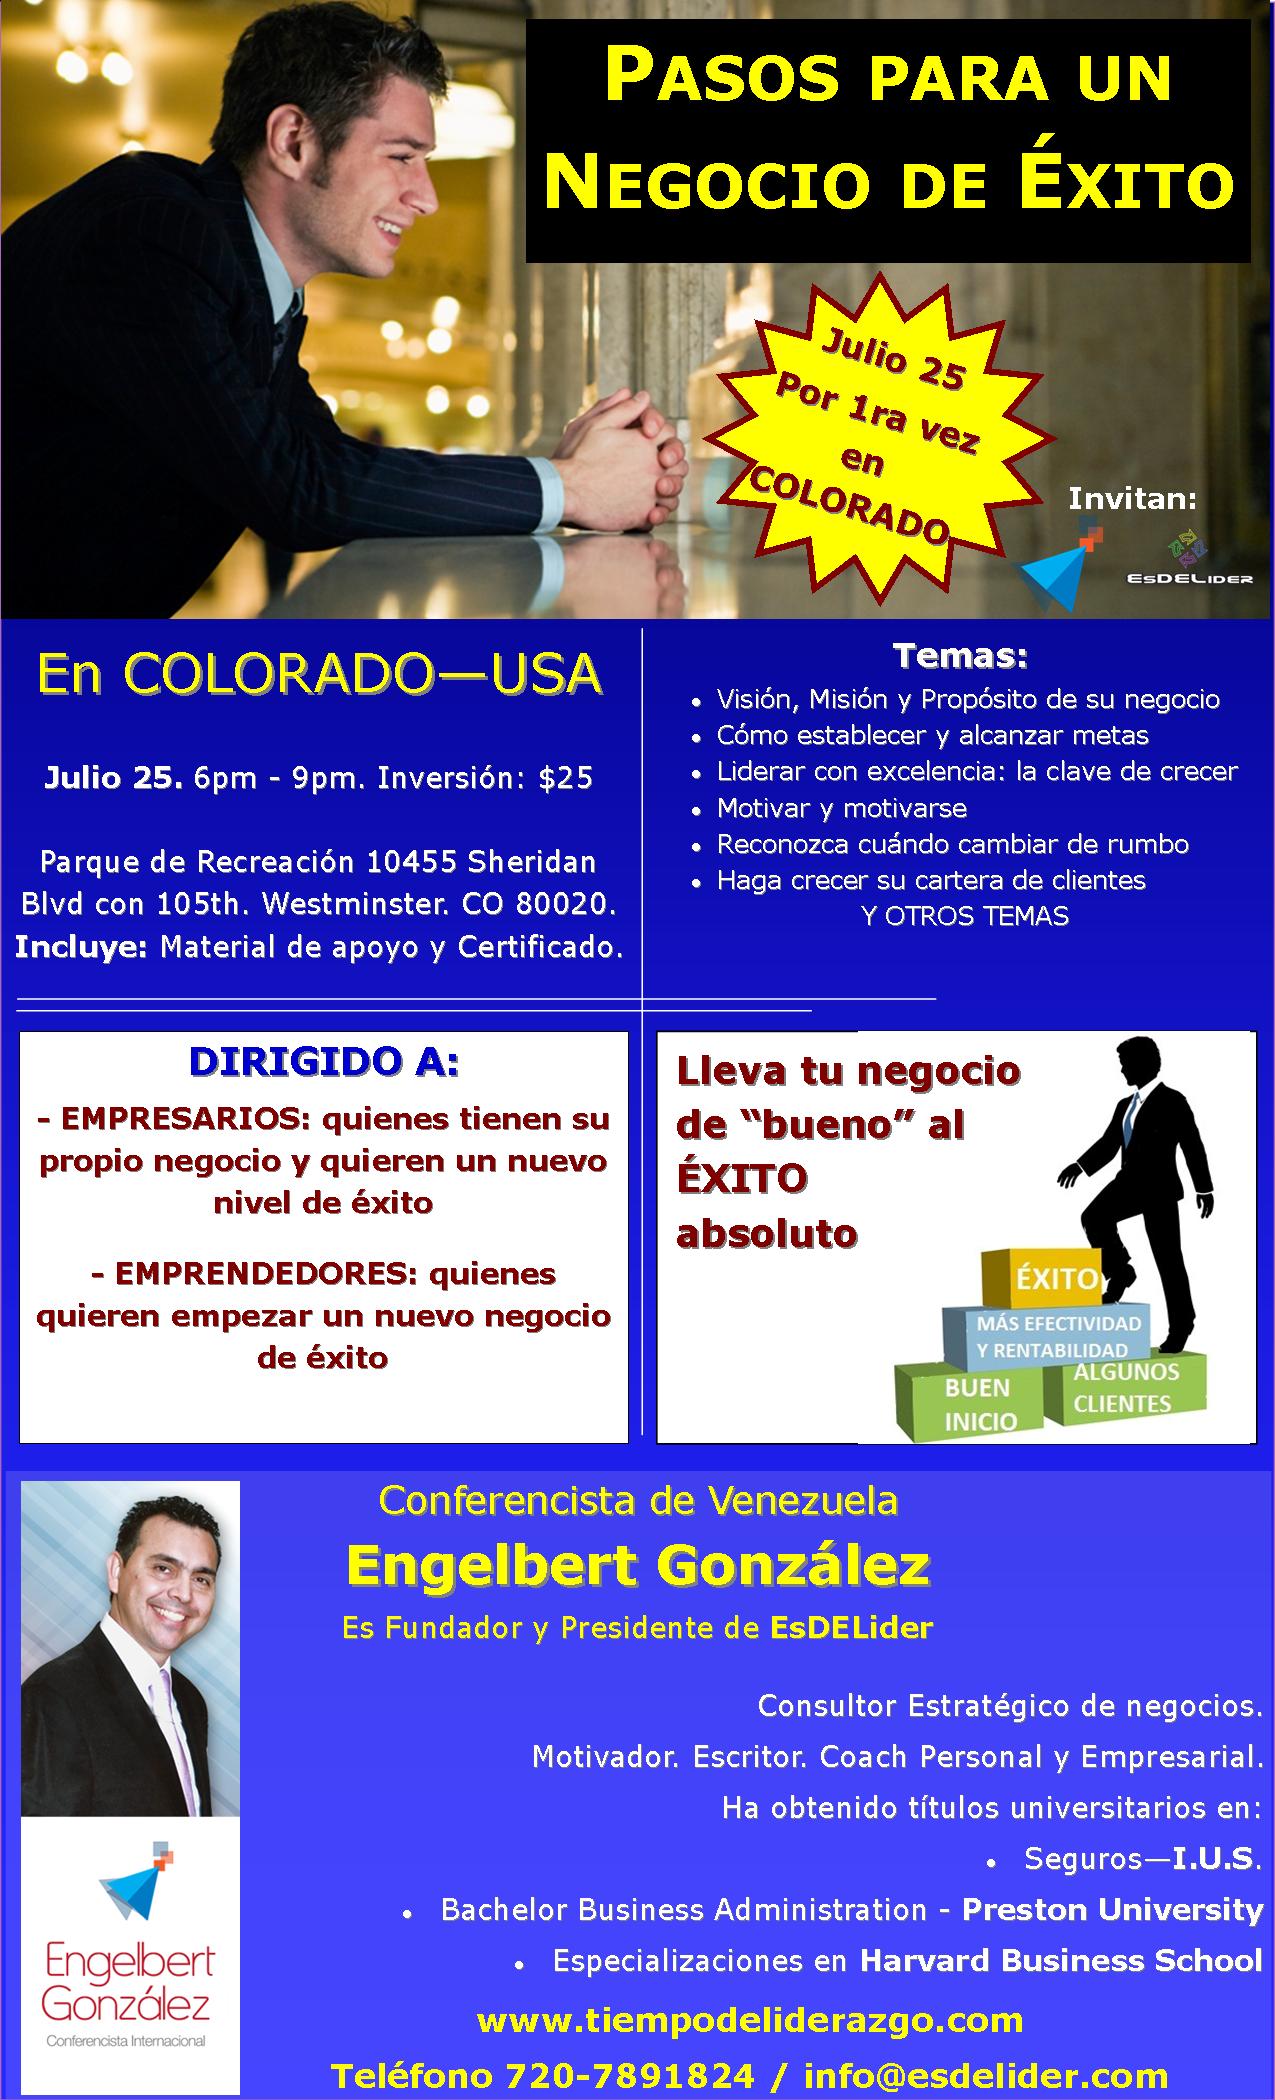 Conferencia PASOS PARA UN NEGOCIO DE ÉXITO en Colorado.